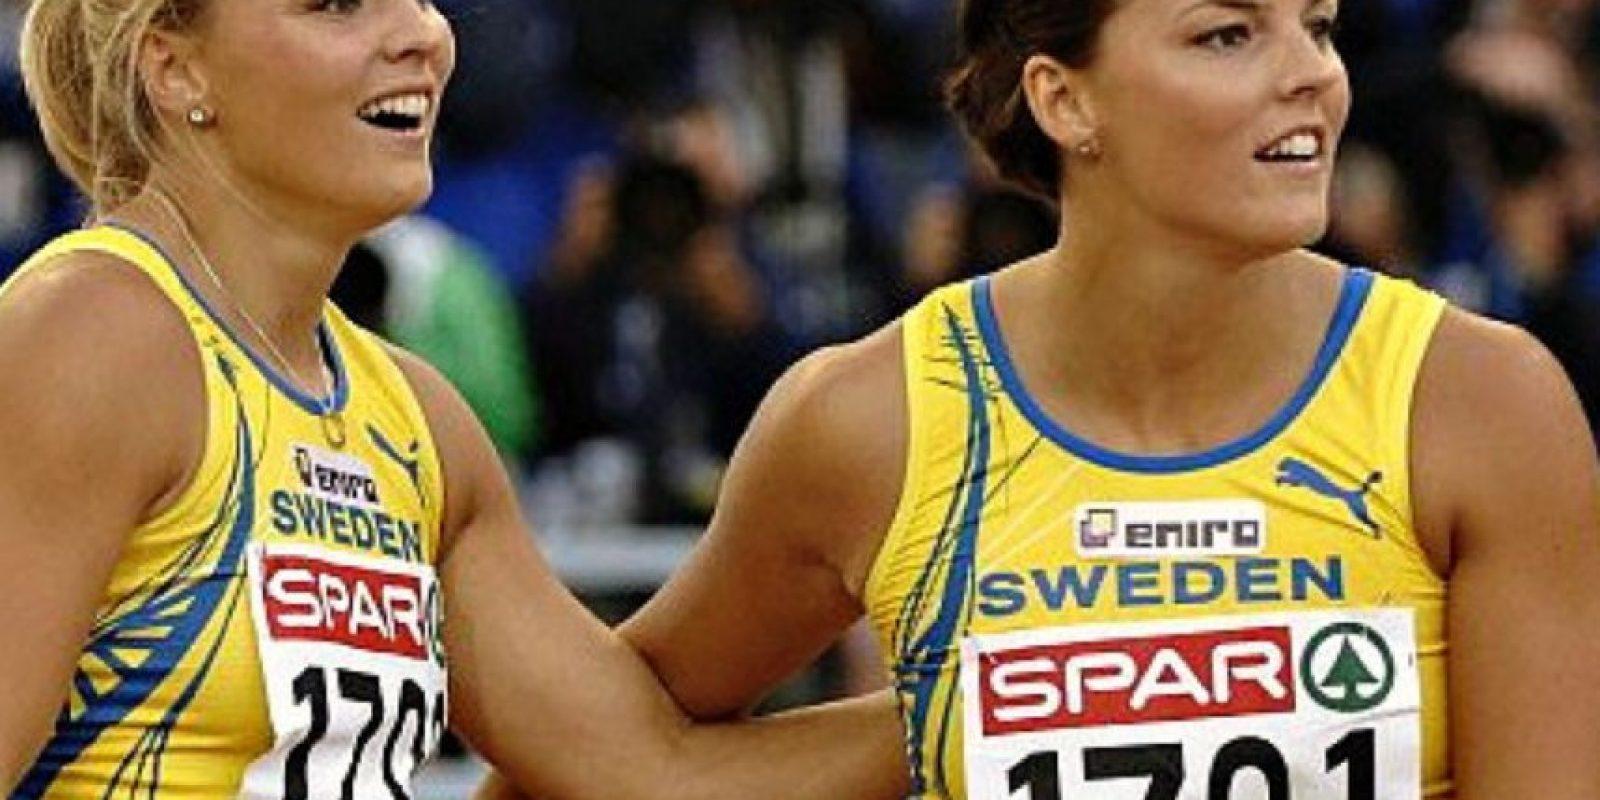 Gemelas suecas especialistas en carreras con vallas Foto:Vía instagram.com/jennakallur